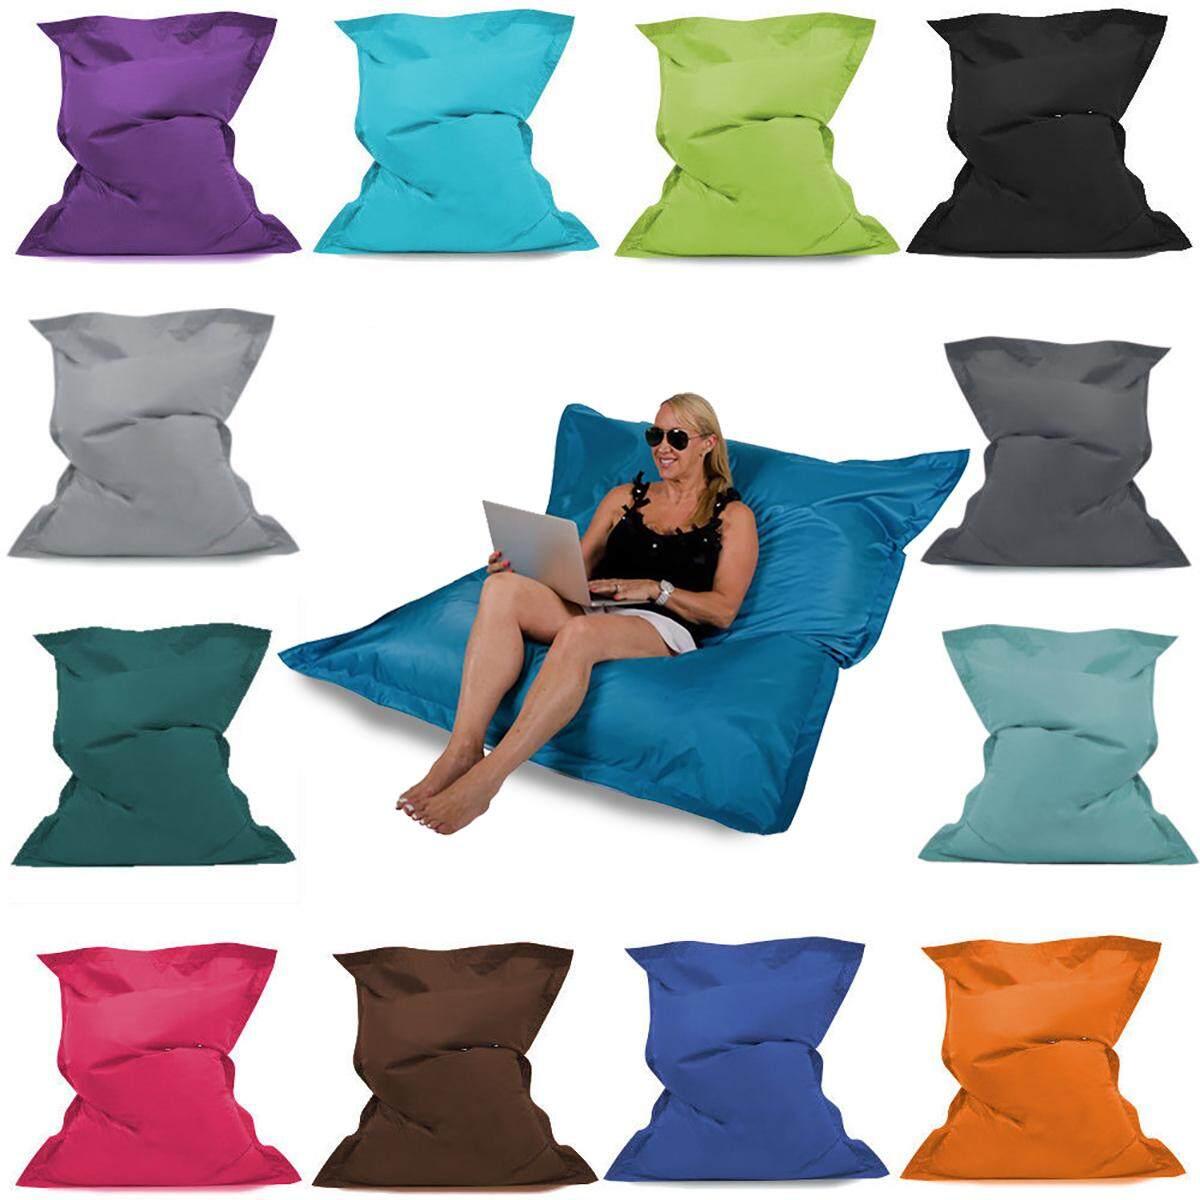 Giant Bean Bag Floor Cushion - 3 Sizes Indoor/outdoor Waterproof Garden Beanbag By Glimmer.